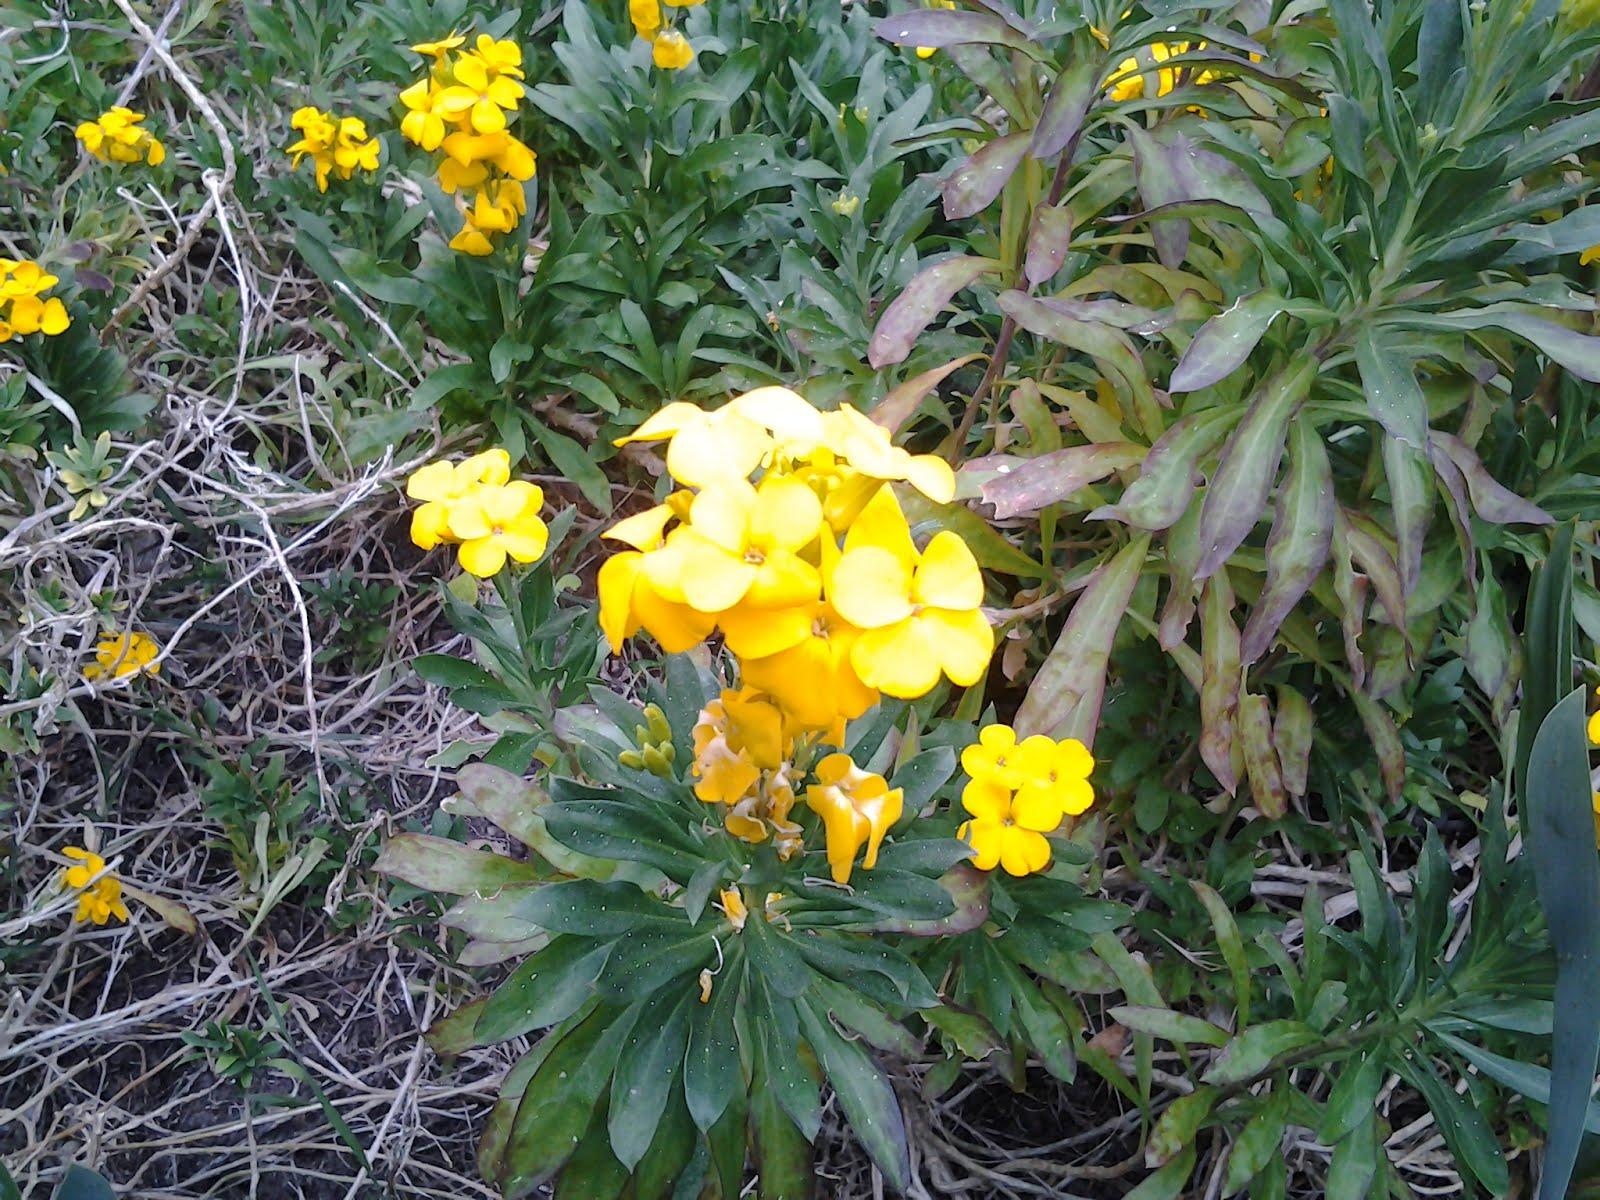 Tienda de plantas alhelies amarillos semillas - Plantas para arriates ...